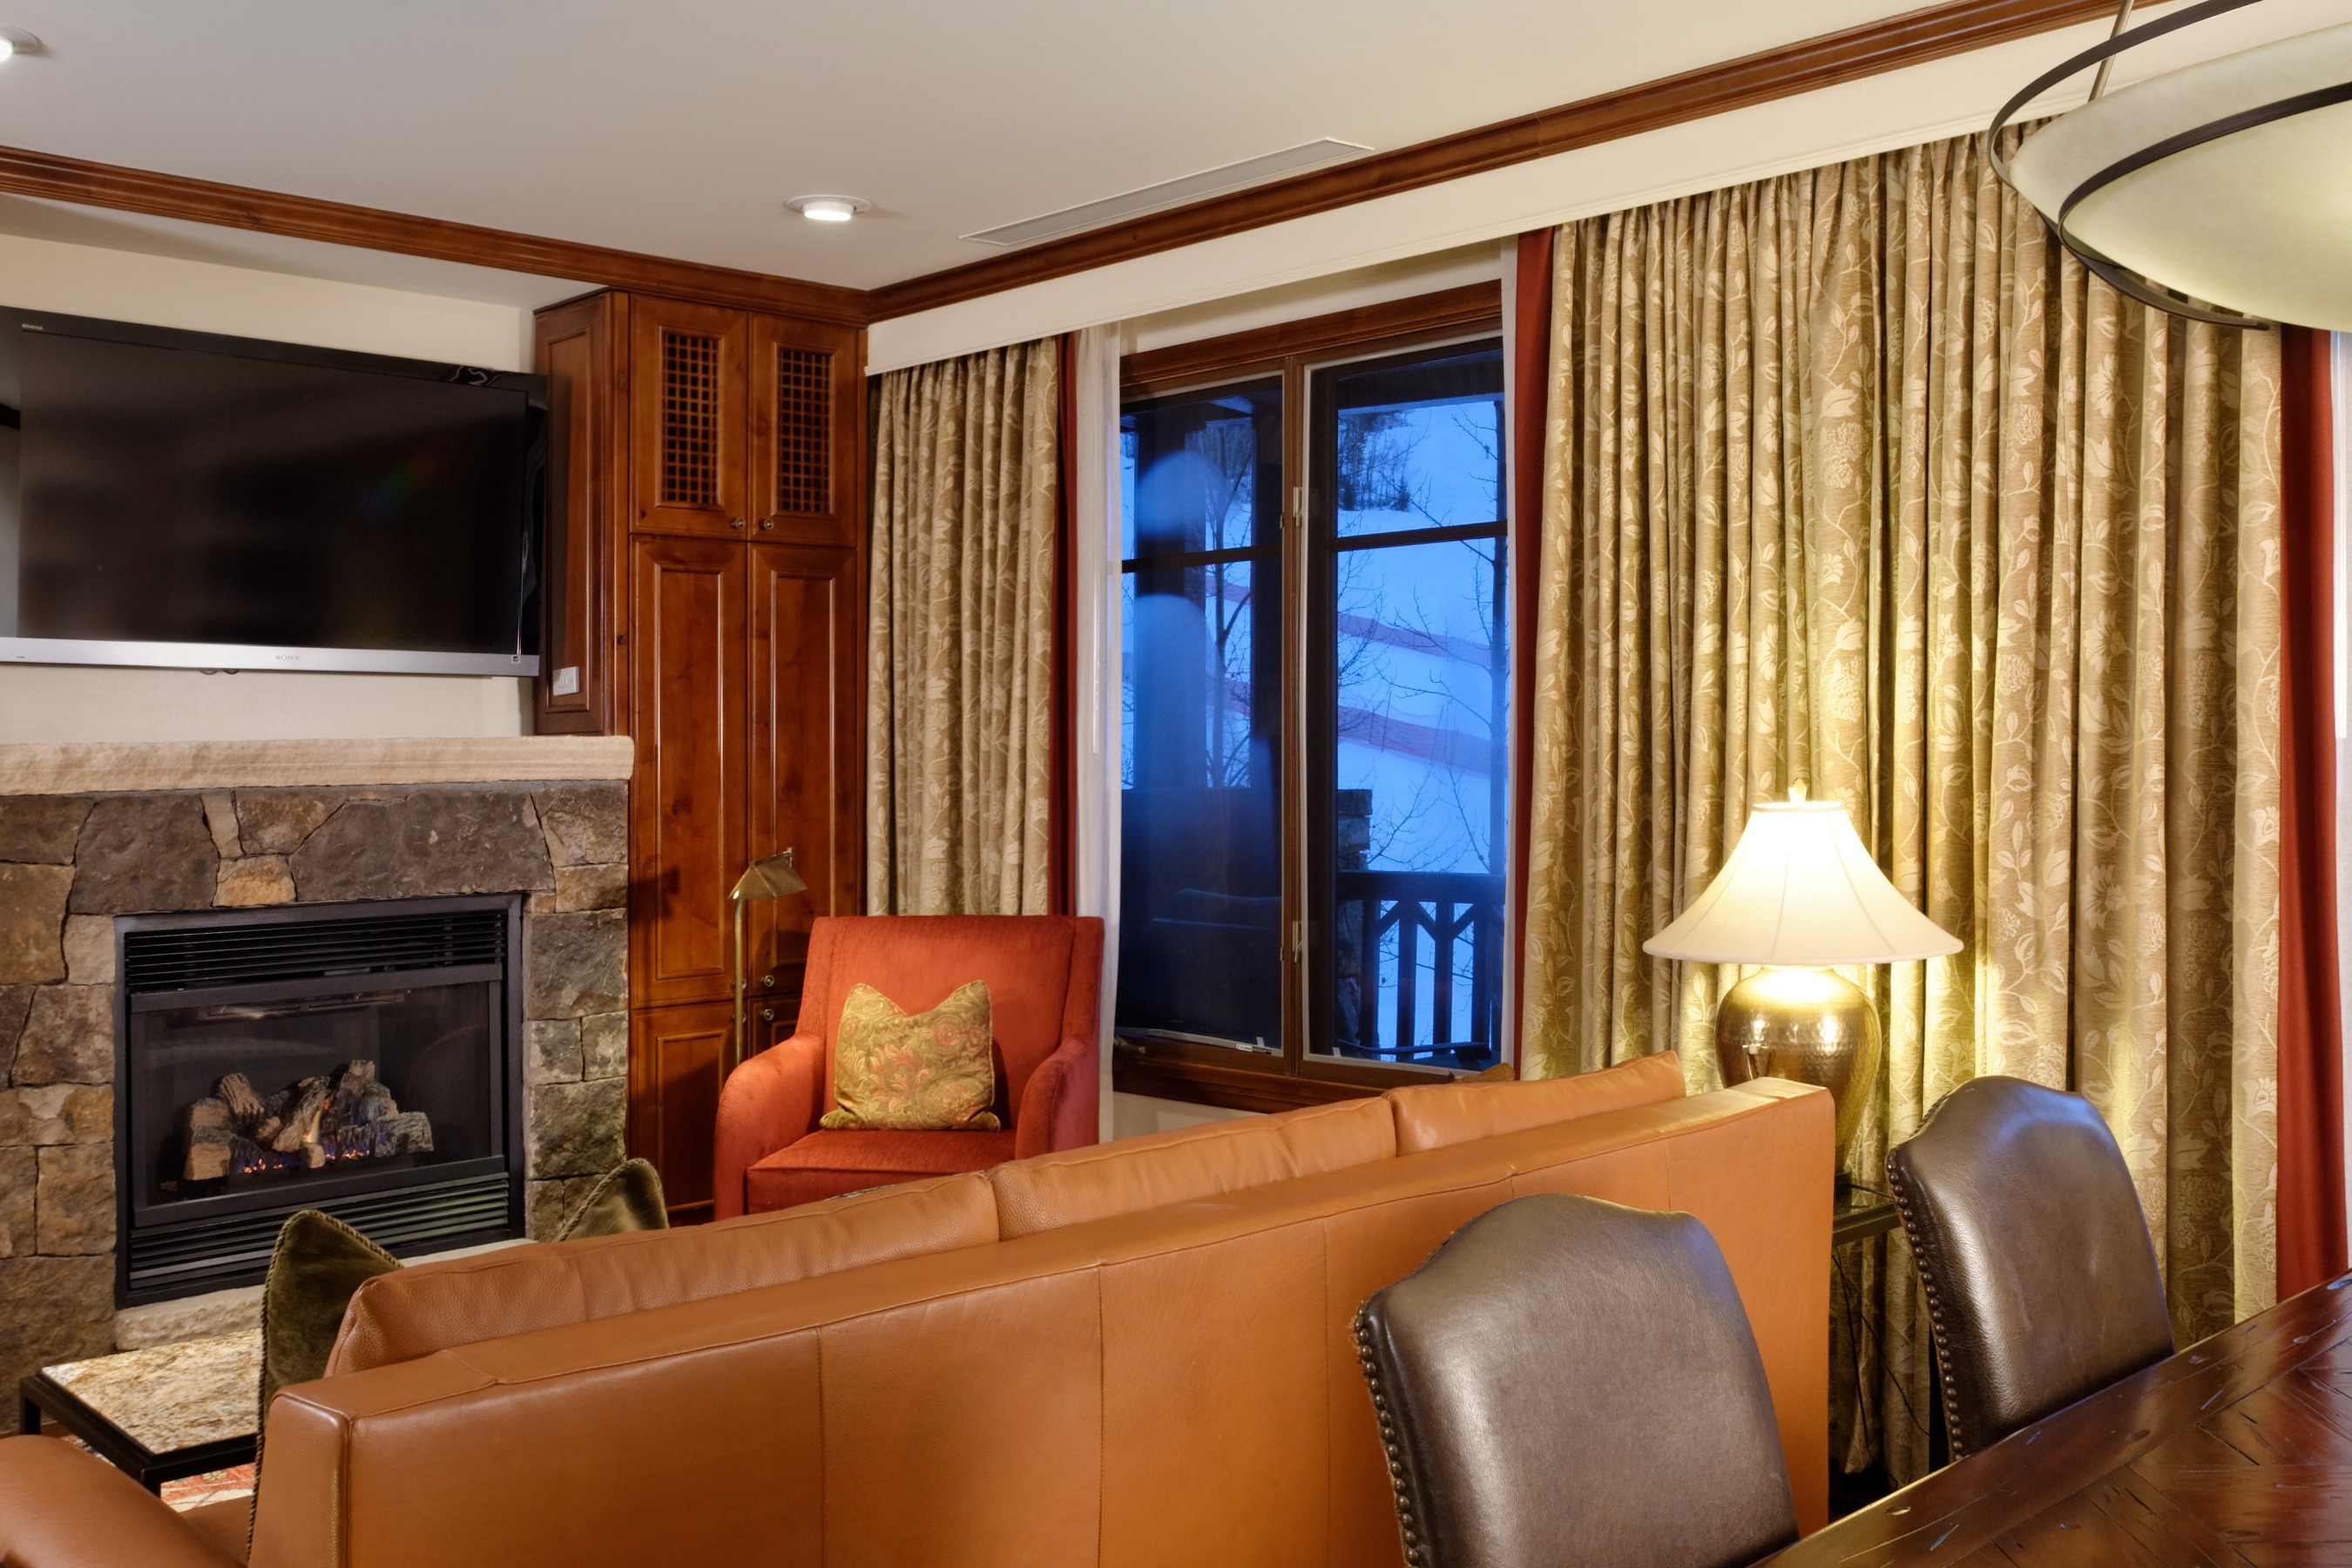 部分所有權 為 出售 在 Ritz-Carlton Club Aspen Highlands Fractional Condo Interest 0075 Prospector Road, 8104, Winter Interest 1, Ritz-Carlton Club Aspen, 科羅拉多州, 81611 美國